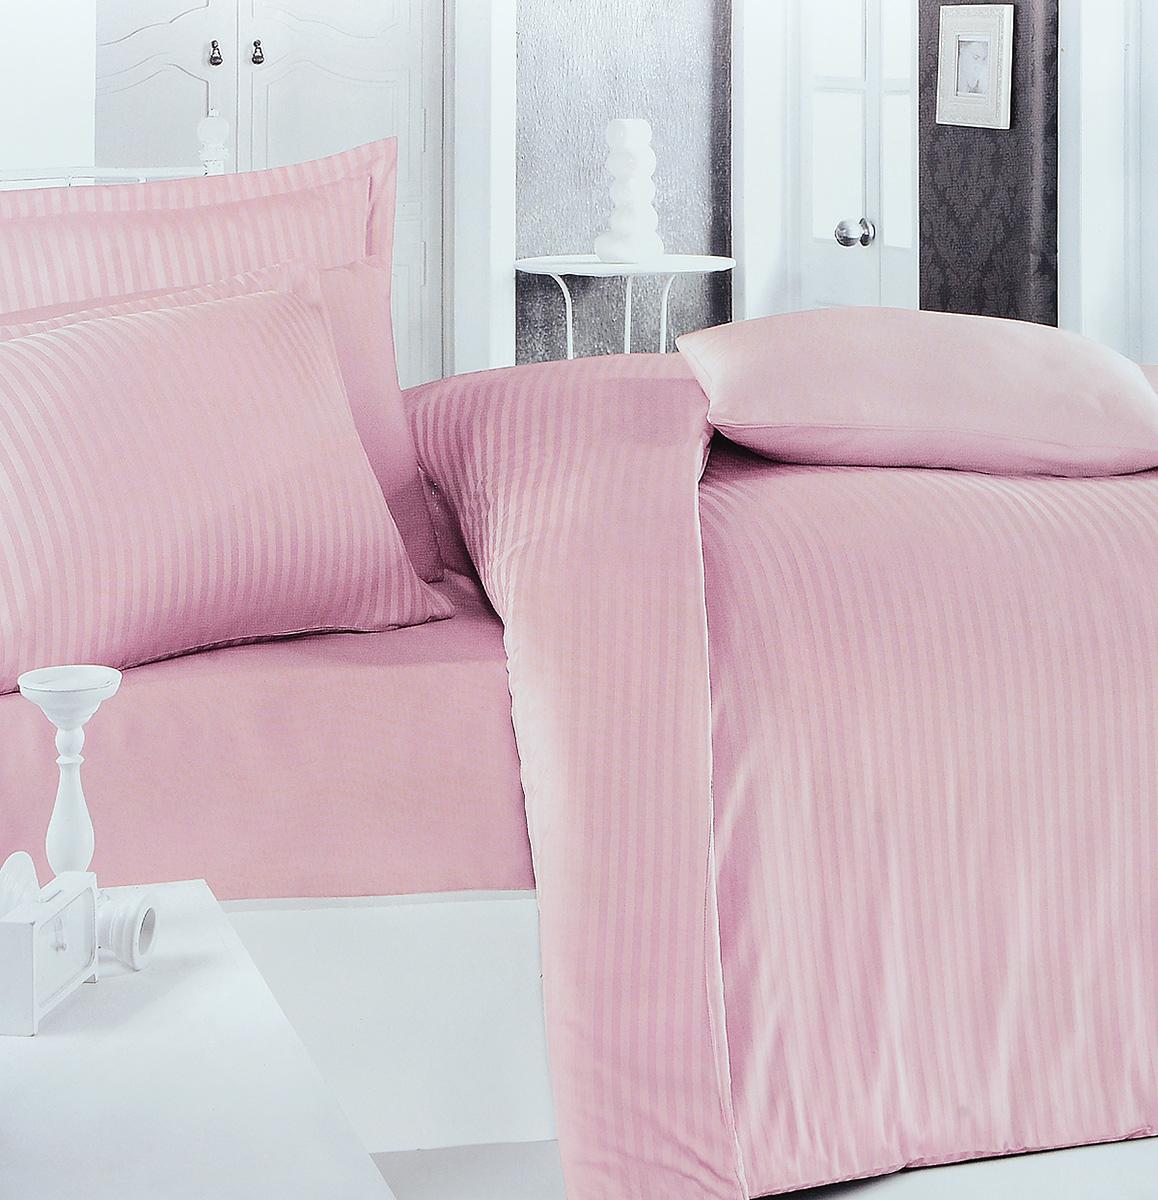 Комплект белья Clasy Stripe Satin, евро, наволочки 50х70, цвет: розовый00000005236Комплект постельного белья Clasy Stripe Satin состоит из пододеяльника на пуговицах, простыни и 4 наволочек (2 стандартные и 2 с ушками). Изделия выполнены из страйп- сатина (100% хлопок). Страйп-сатин - это очень прочная жаккардовая ткань из 100% хлопка. На вид он напоминает обычный сатин, но с полосками, которые появляются благодаря разному направлению нитей в ткани. Страйп-сатин универсален: он подойдет к любому интерьеру, прослужит вам долго, а рисунок никогда не поблекнет. Из страйп-сатина делают элитное постельное белье, по всем качествам его можно сравнить с самыми дорогими образцами хлопкового белья. Ткань гладкая и имеет ровный матовый блеск. Секрет заключается в особенно плотном сатиновом переплетении. Несмотря на особую плотность, это постельное белье очень мягкое, спать на нем уютно и тепло. Ткань обладает отличными гигиеническими свойствами - гигроскопичностью, воздухопроницаемостью и гипоаллергенностью. Страйп- сатин неприхотлив...